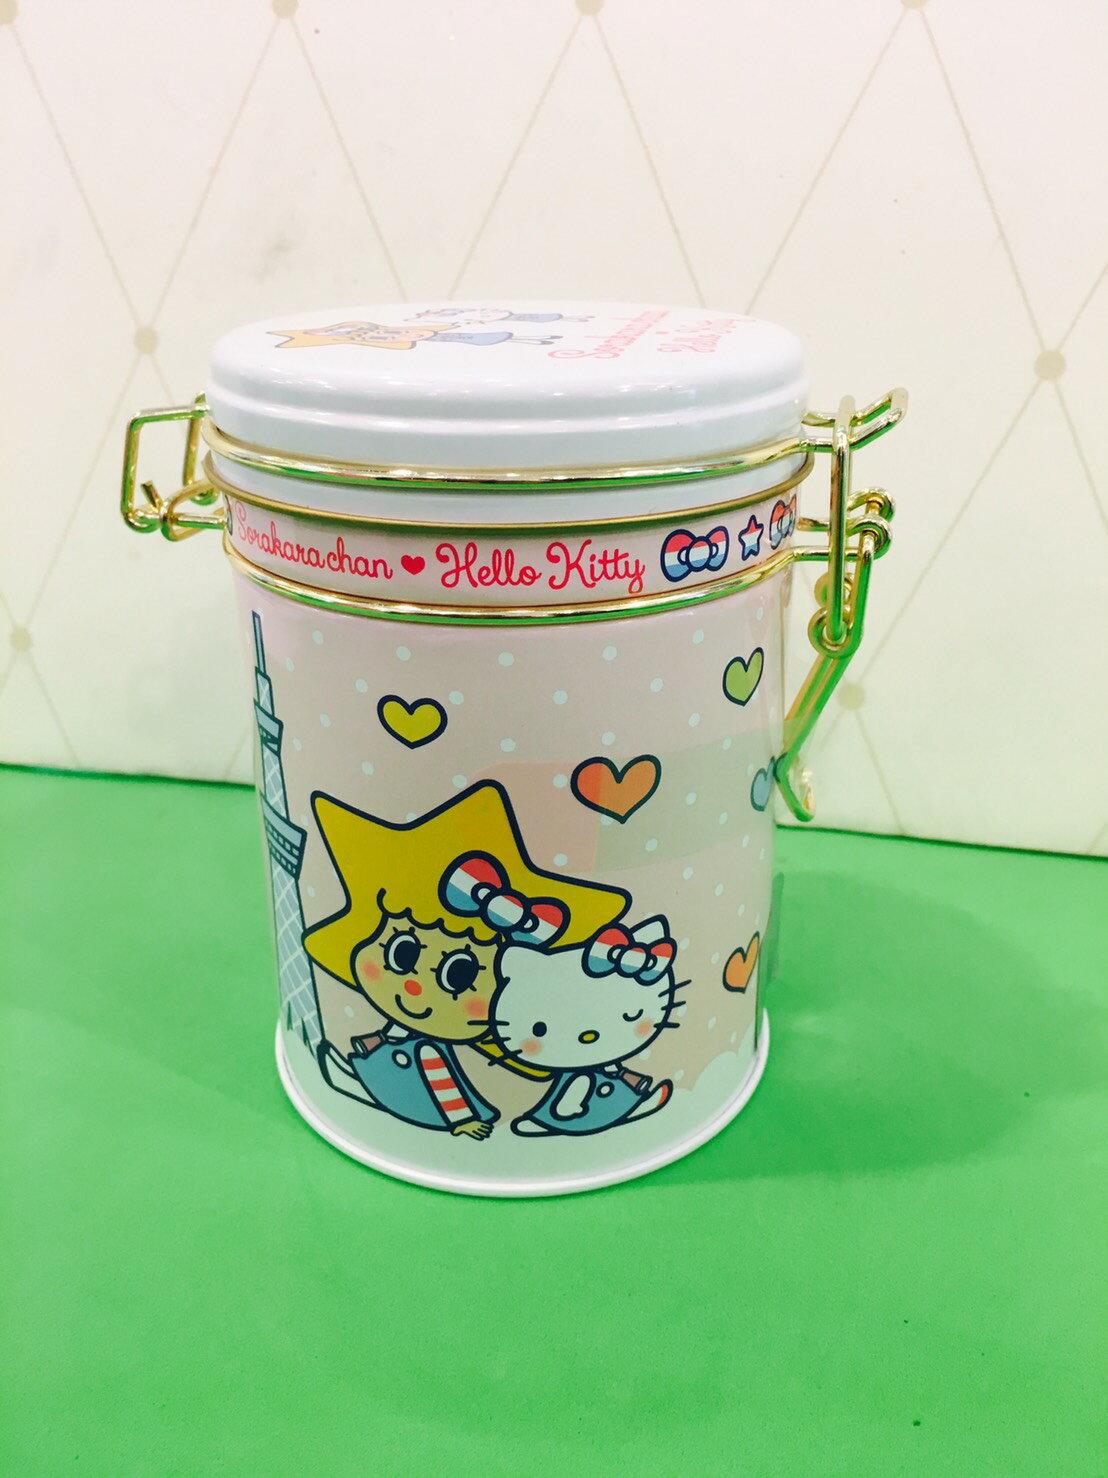 X射線【C240201】日本晴空塔代購-晴空塔 x Hello Kitty 5週年限定版紀念餅乾罐,點心/零嘴/餅乾/糖果/韓國代購/日本糖果/零食/伴手禮/禮盒